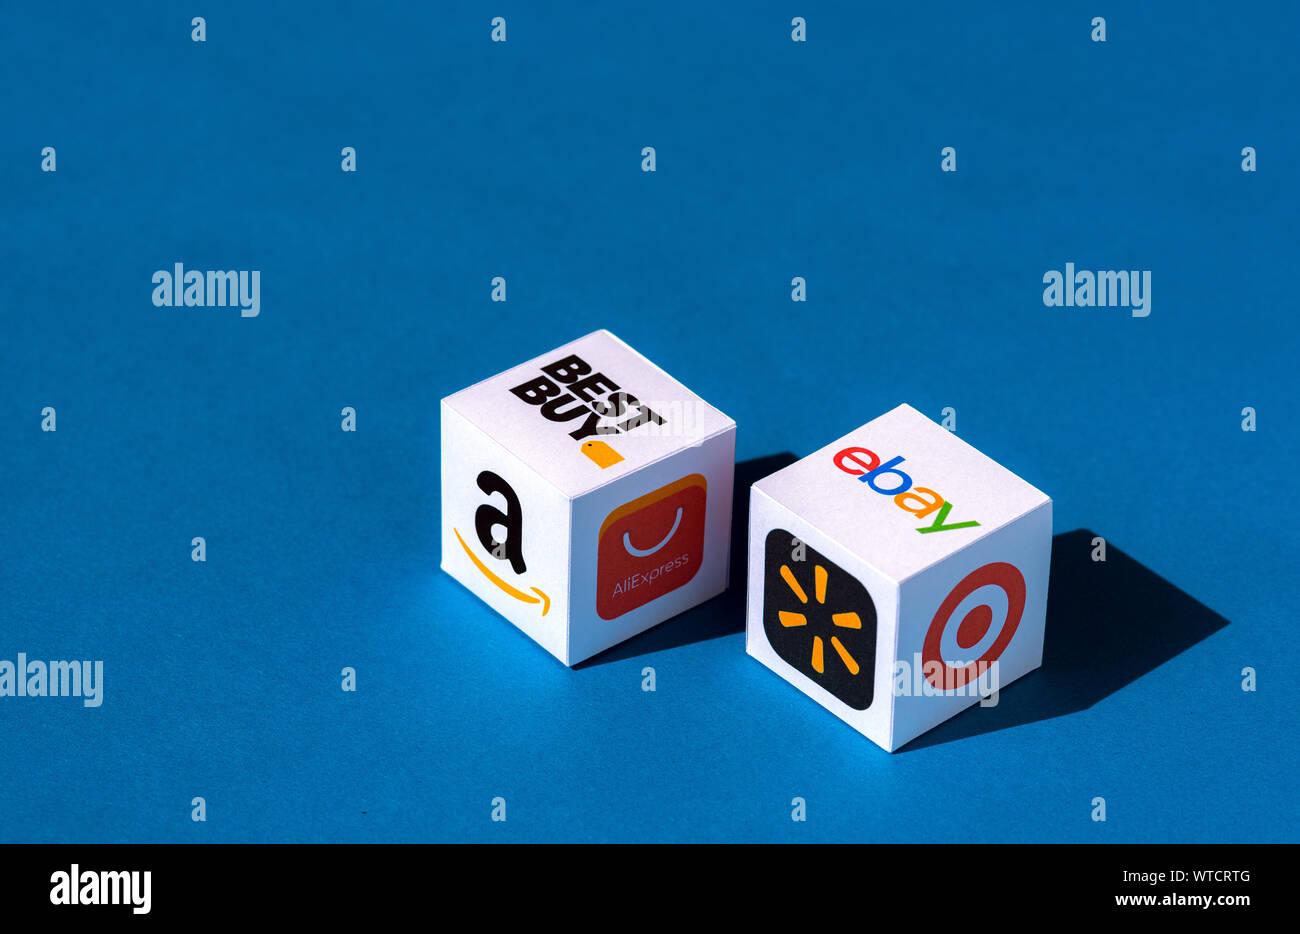 Kiev, Ukraine - le 10 septembre 2019: un document imprimé avec des cubes de logos de sociétés de commerce électronique en ligne et magasins de détail. Banque D'Images